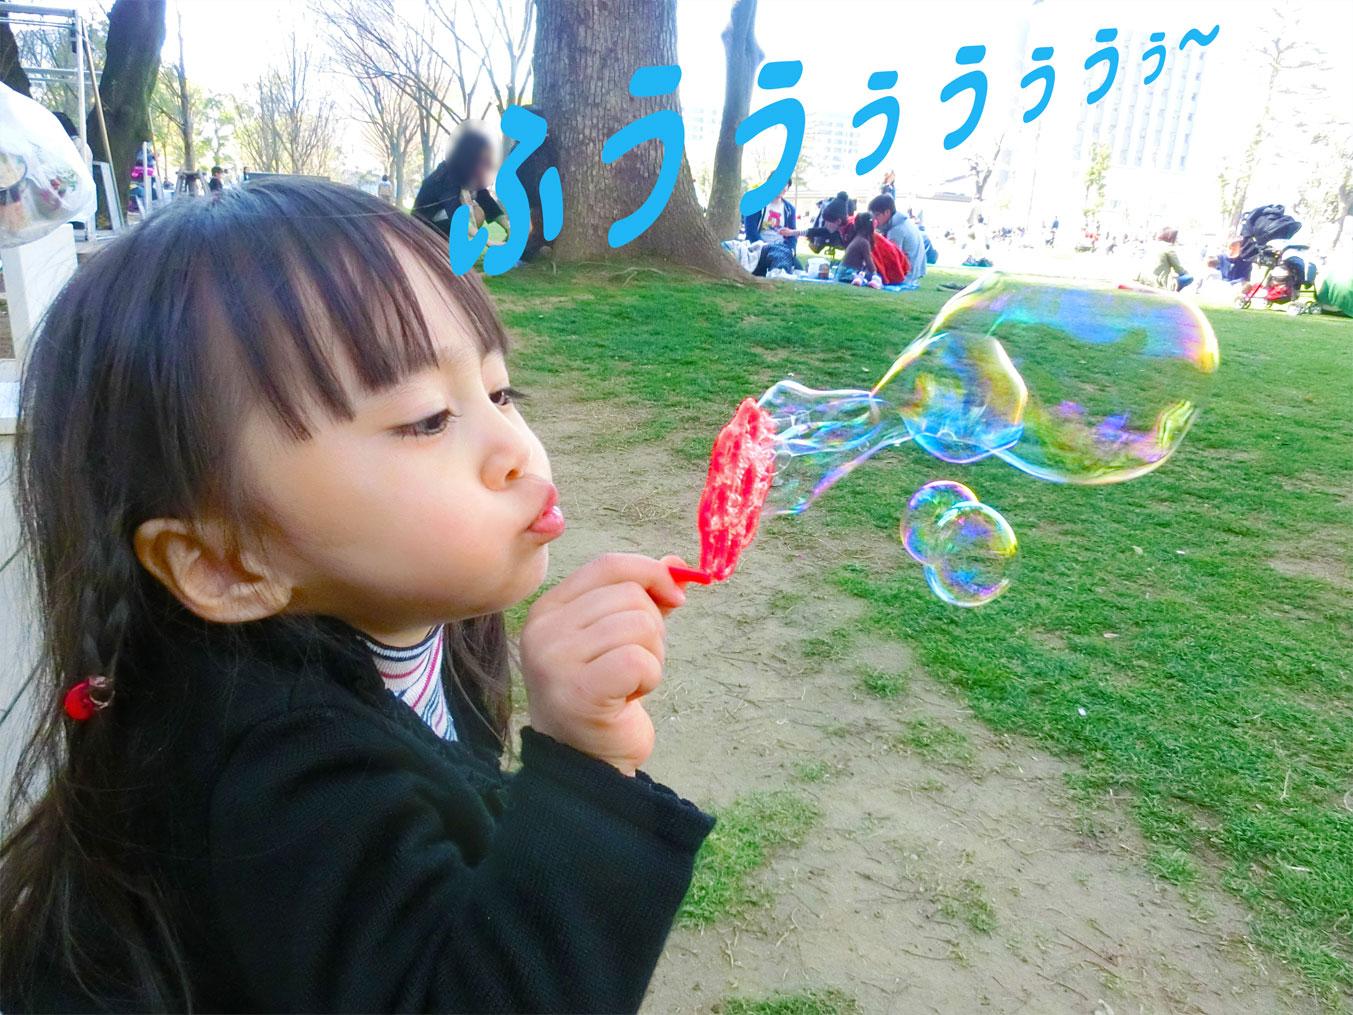 ボディメンテ&花より運動の娘(笑)&八重桜ネイル_d0224894_161468.jpg